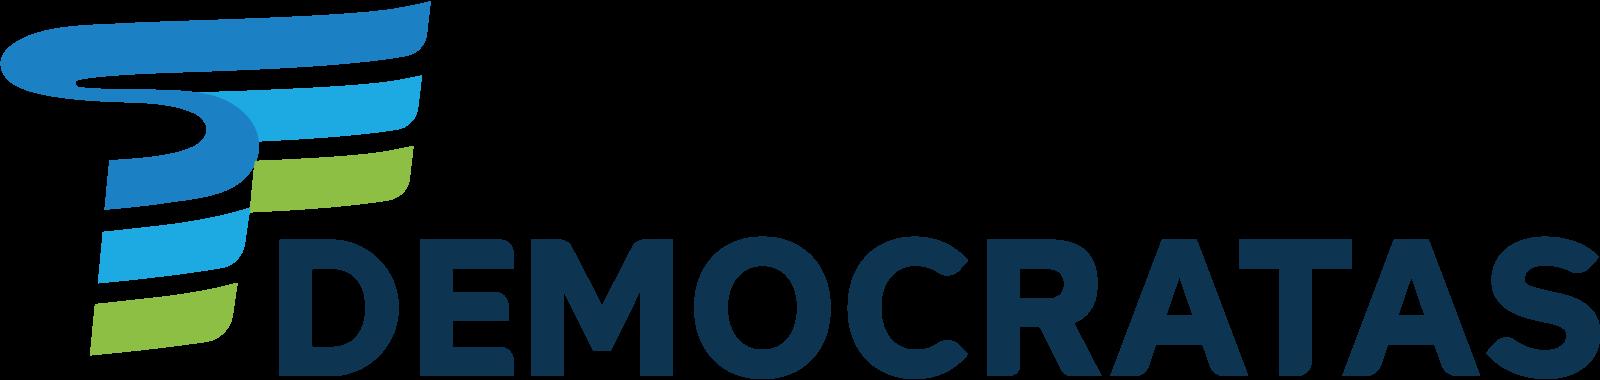 dem democratas logo partido 4 - DEM Logo - Partido Democratas Logo